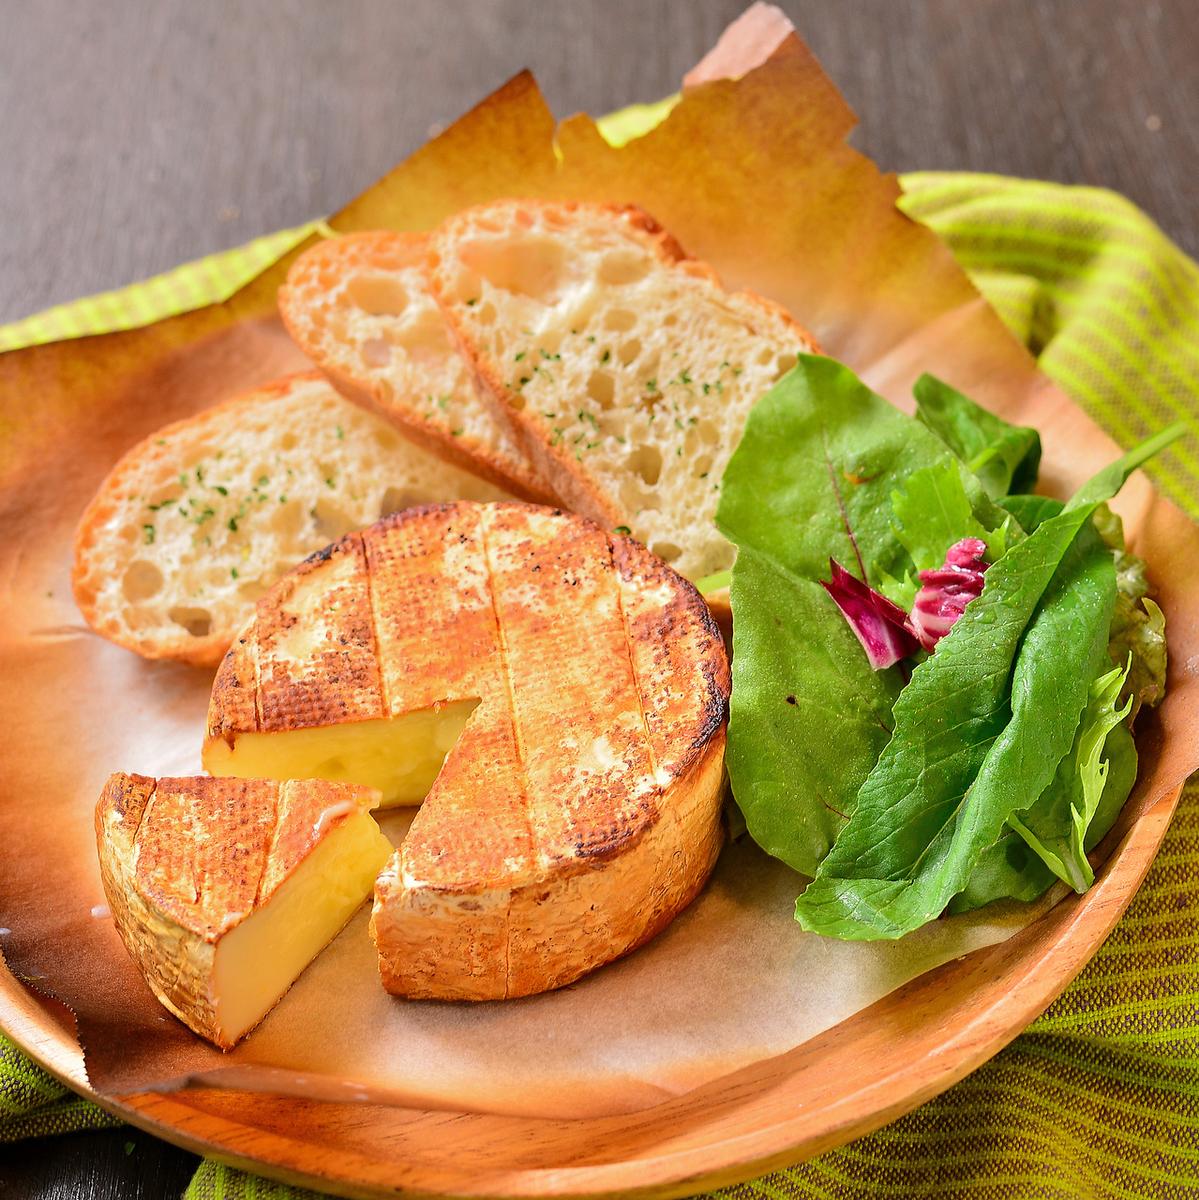 훈제 카망베르 치즈